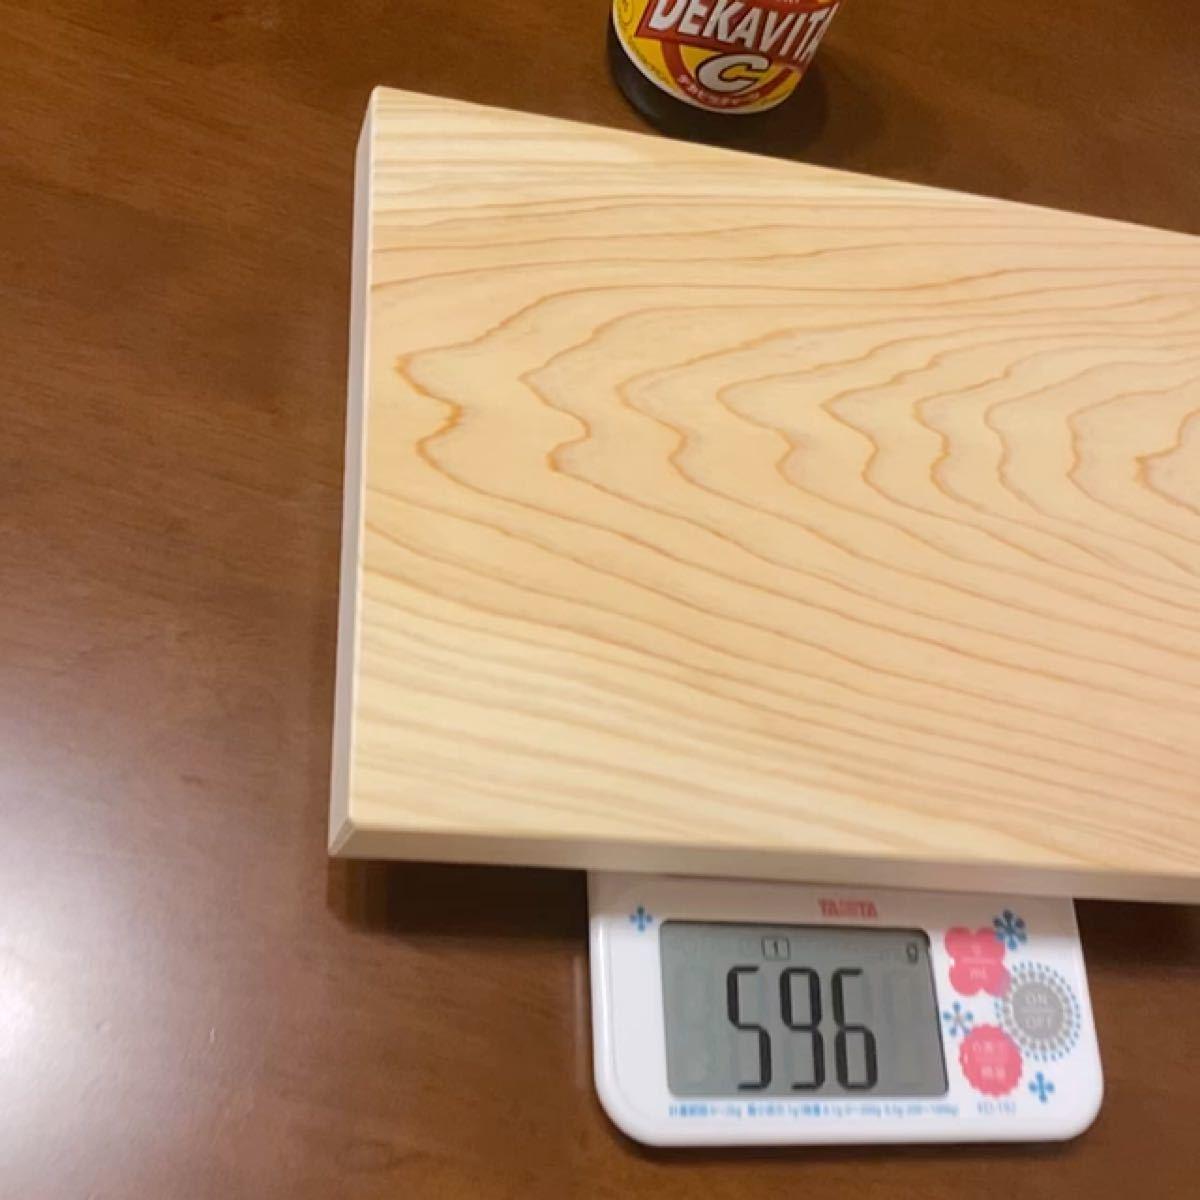 カッティングボード ひのき いい香り キャンプで使える 丈夫 木製 まな板 ディスプレイ用 DIY ソロキャン 木目